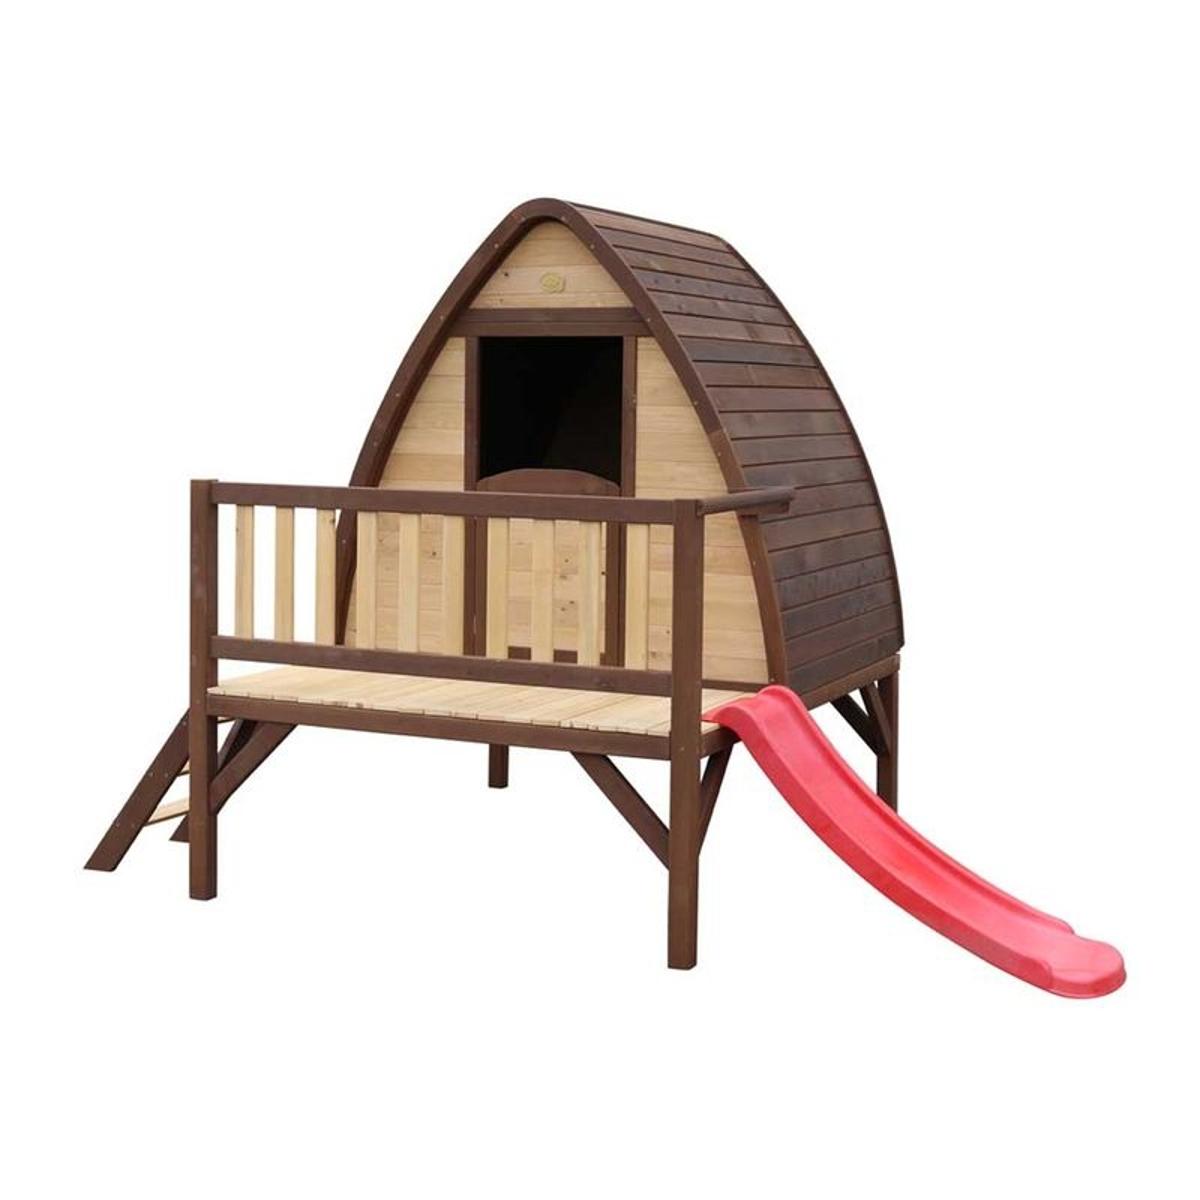 Cabane en bois pour enfants Bali XL Axi